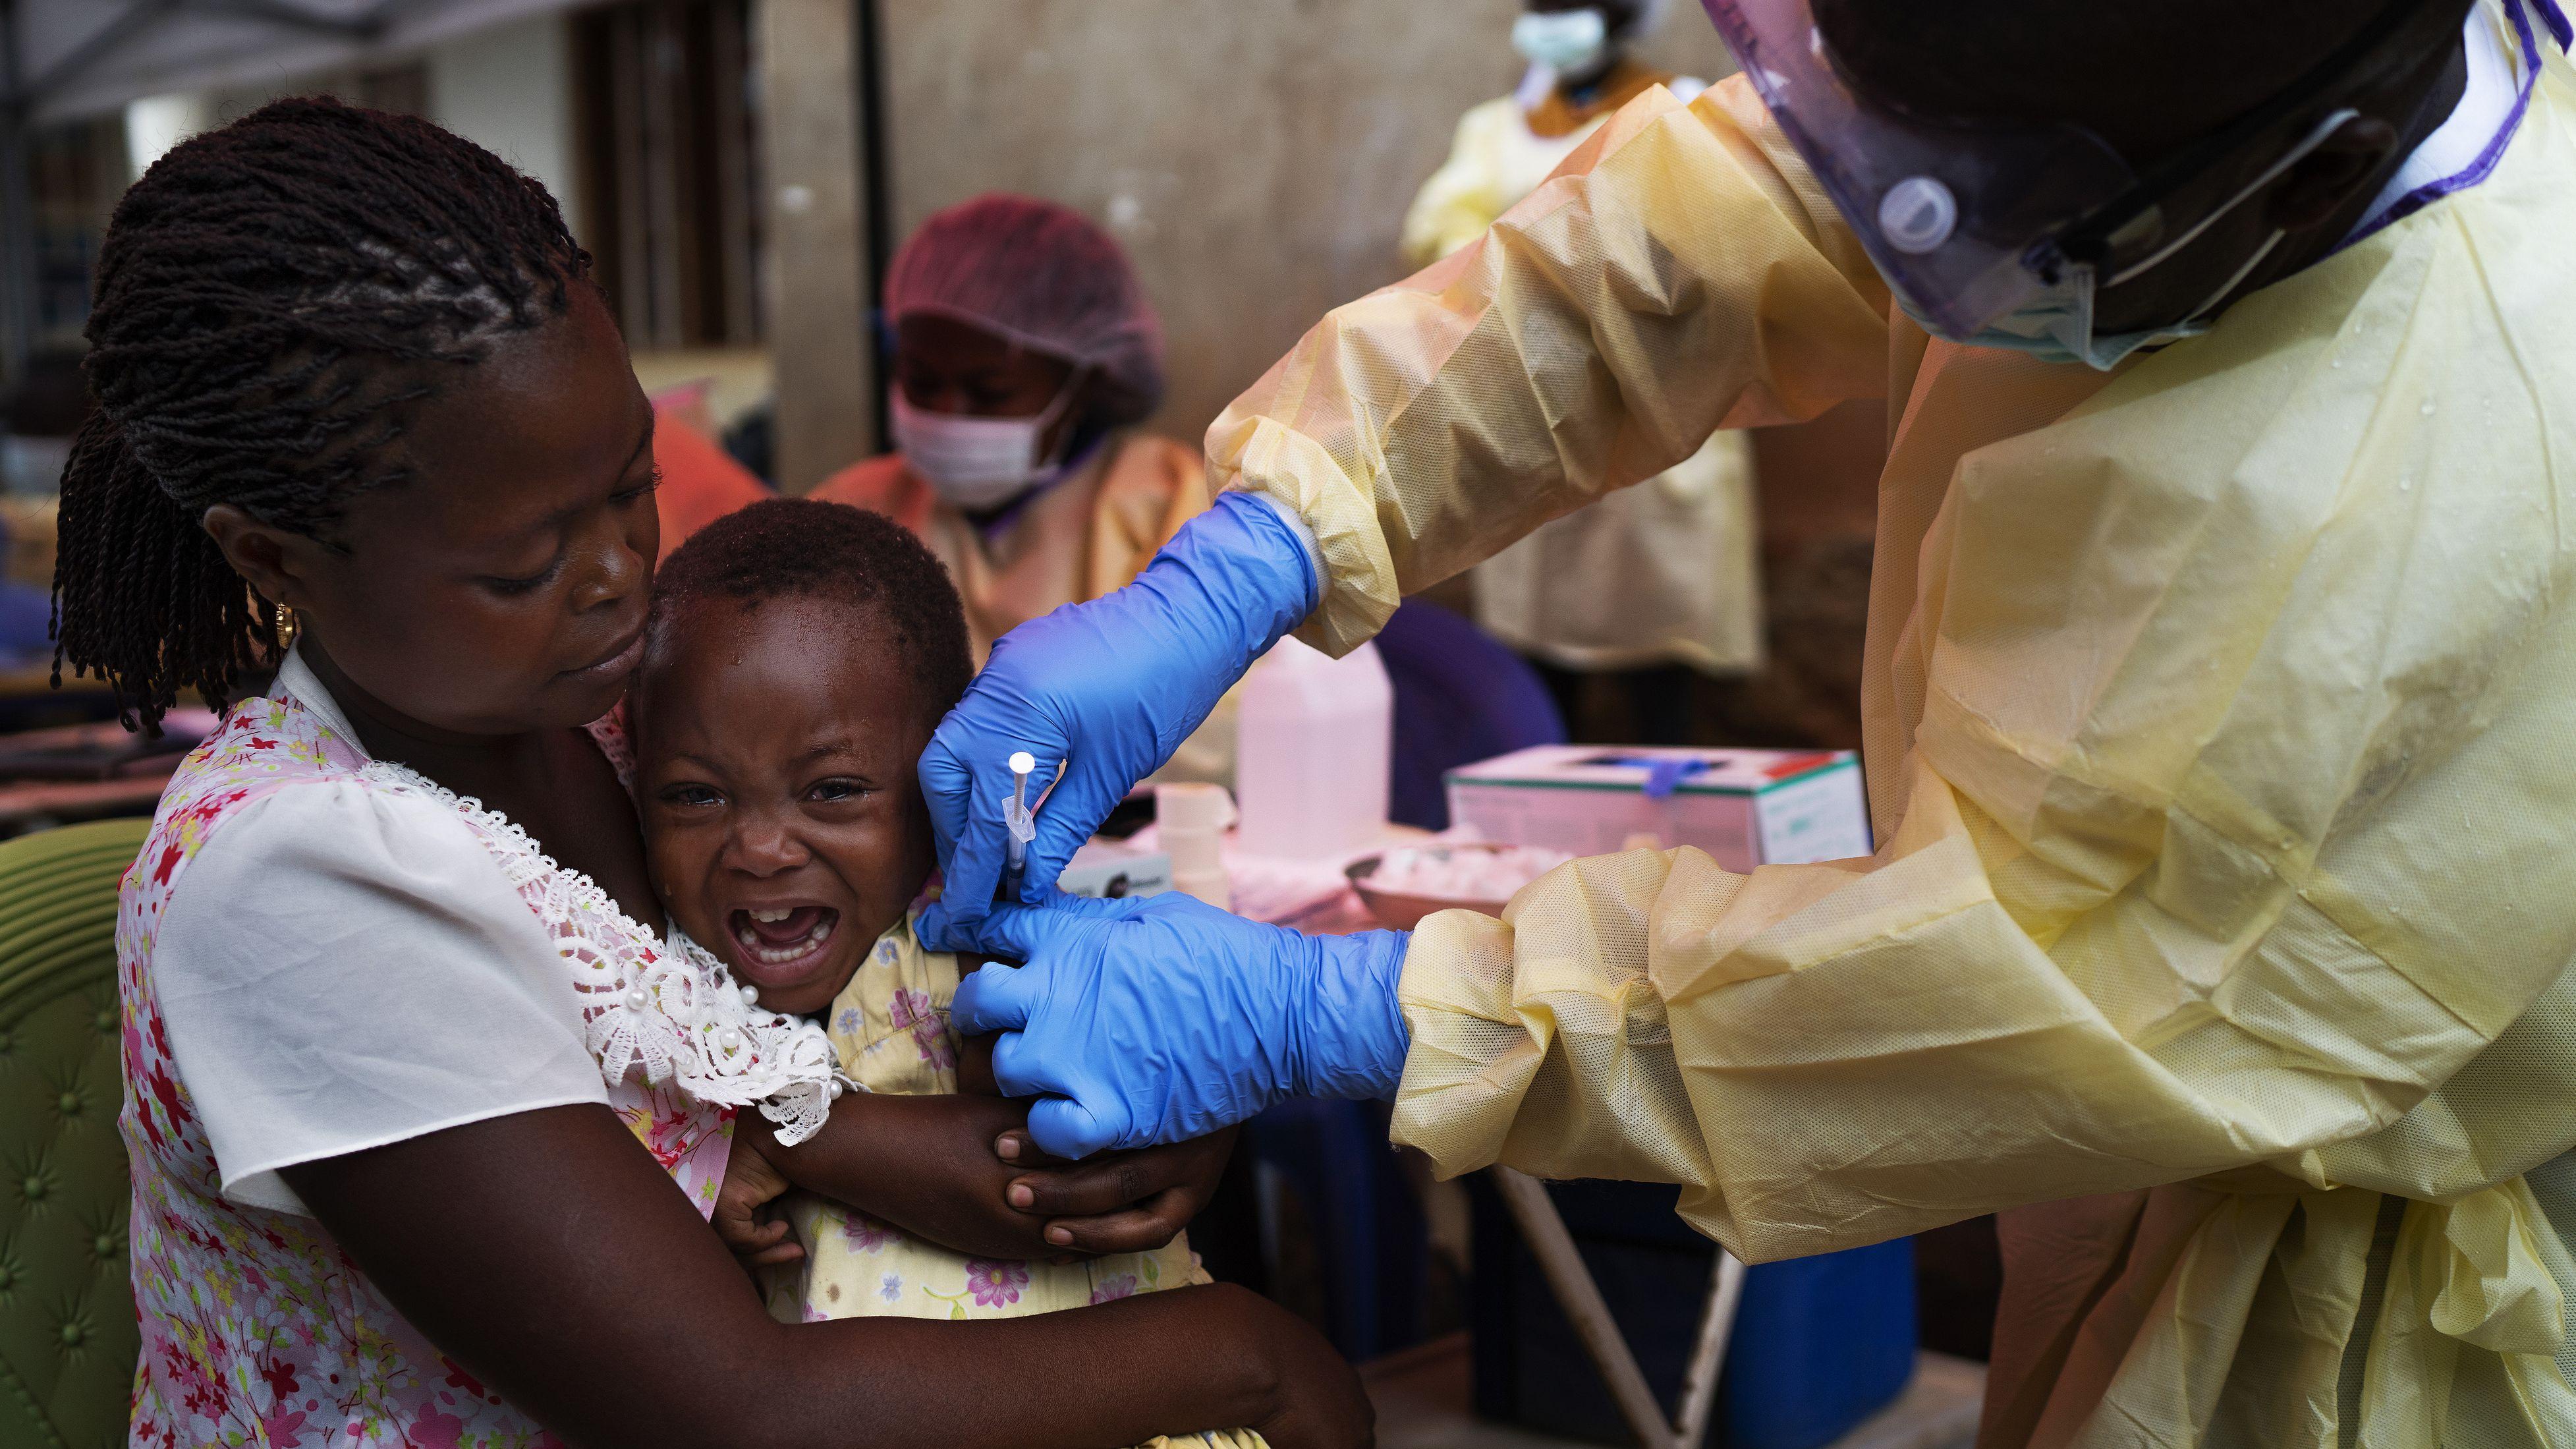 Impfung eines Kindes im Kongo.